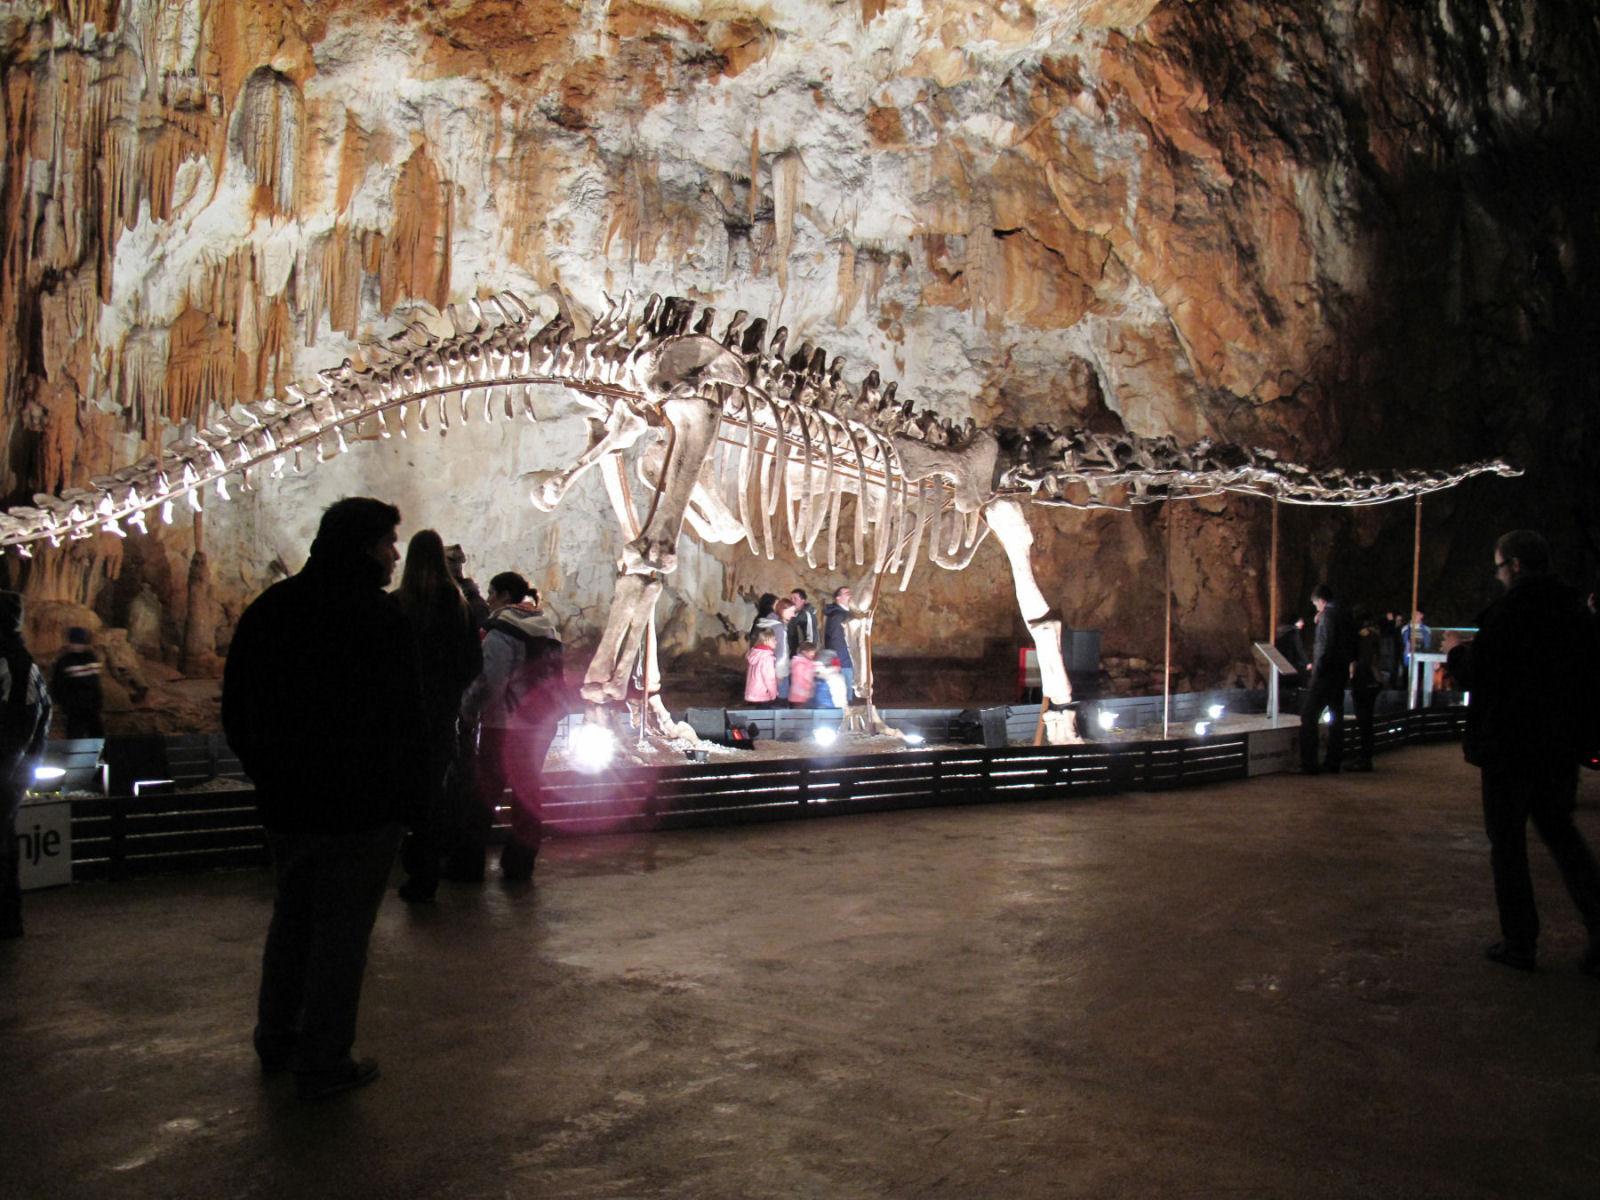 chinese-dinosaur-postojna-cave-slovenia